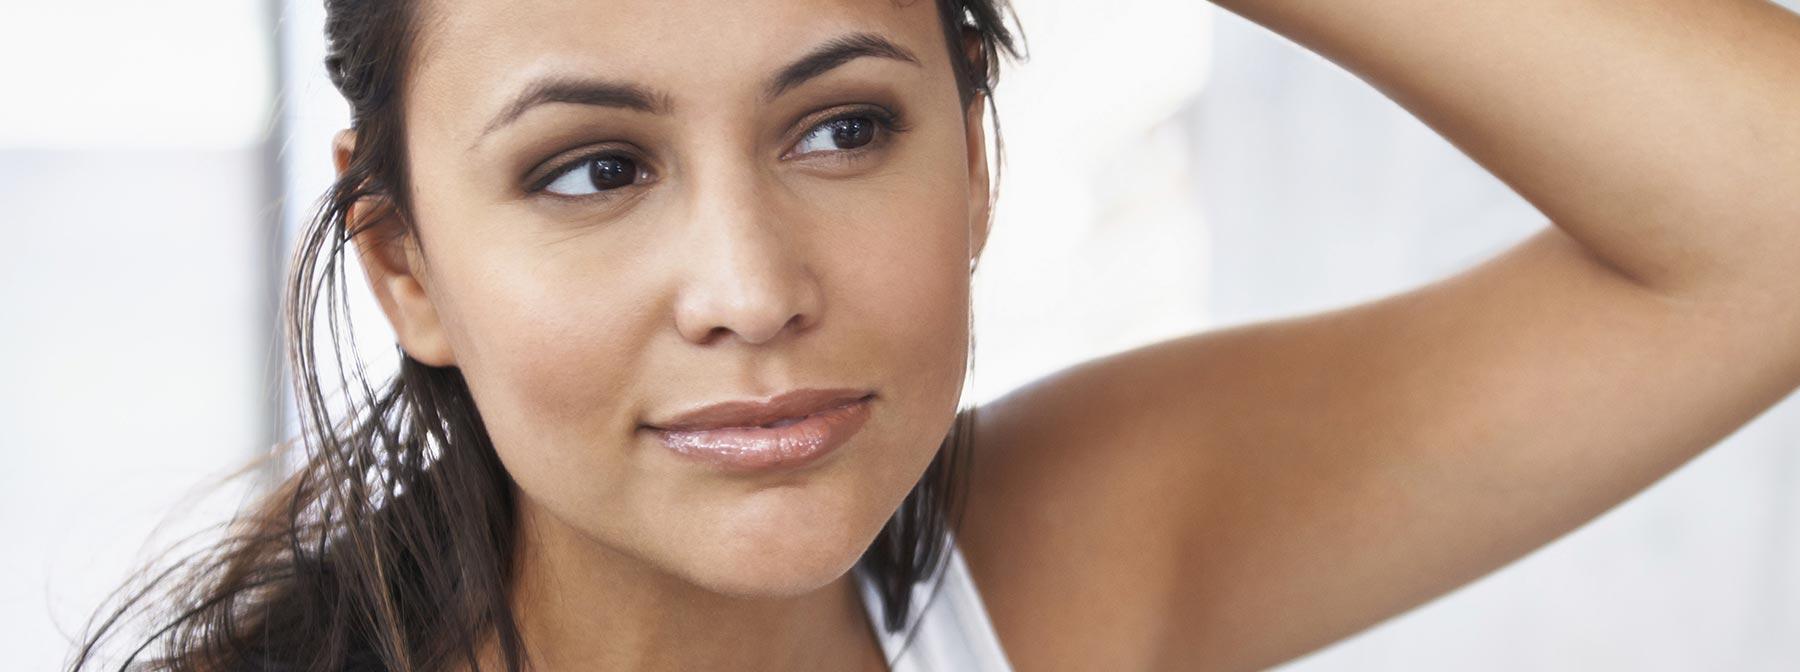 Welcher Hauttyp bin ich? – Fettige Haut